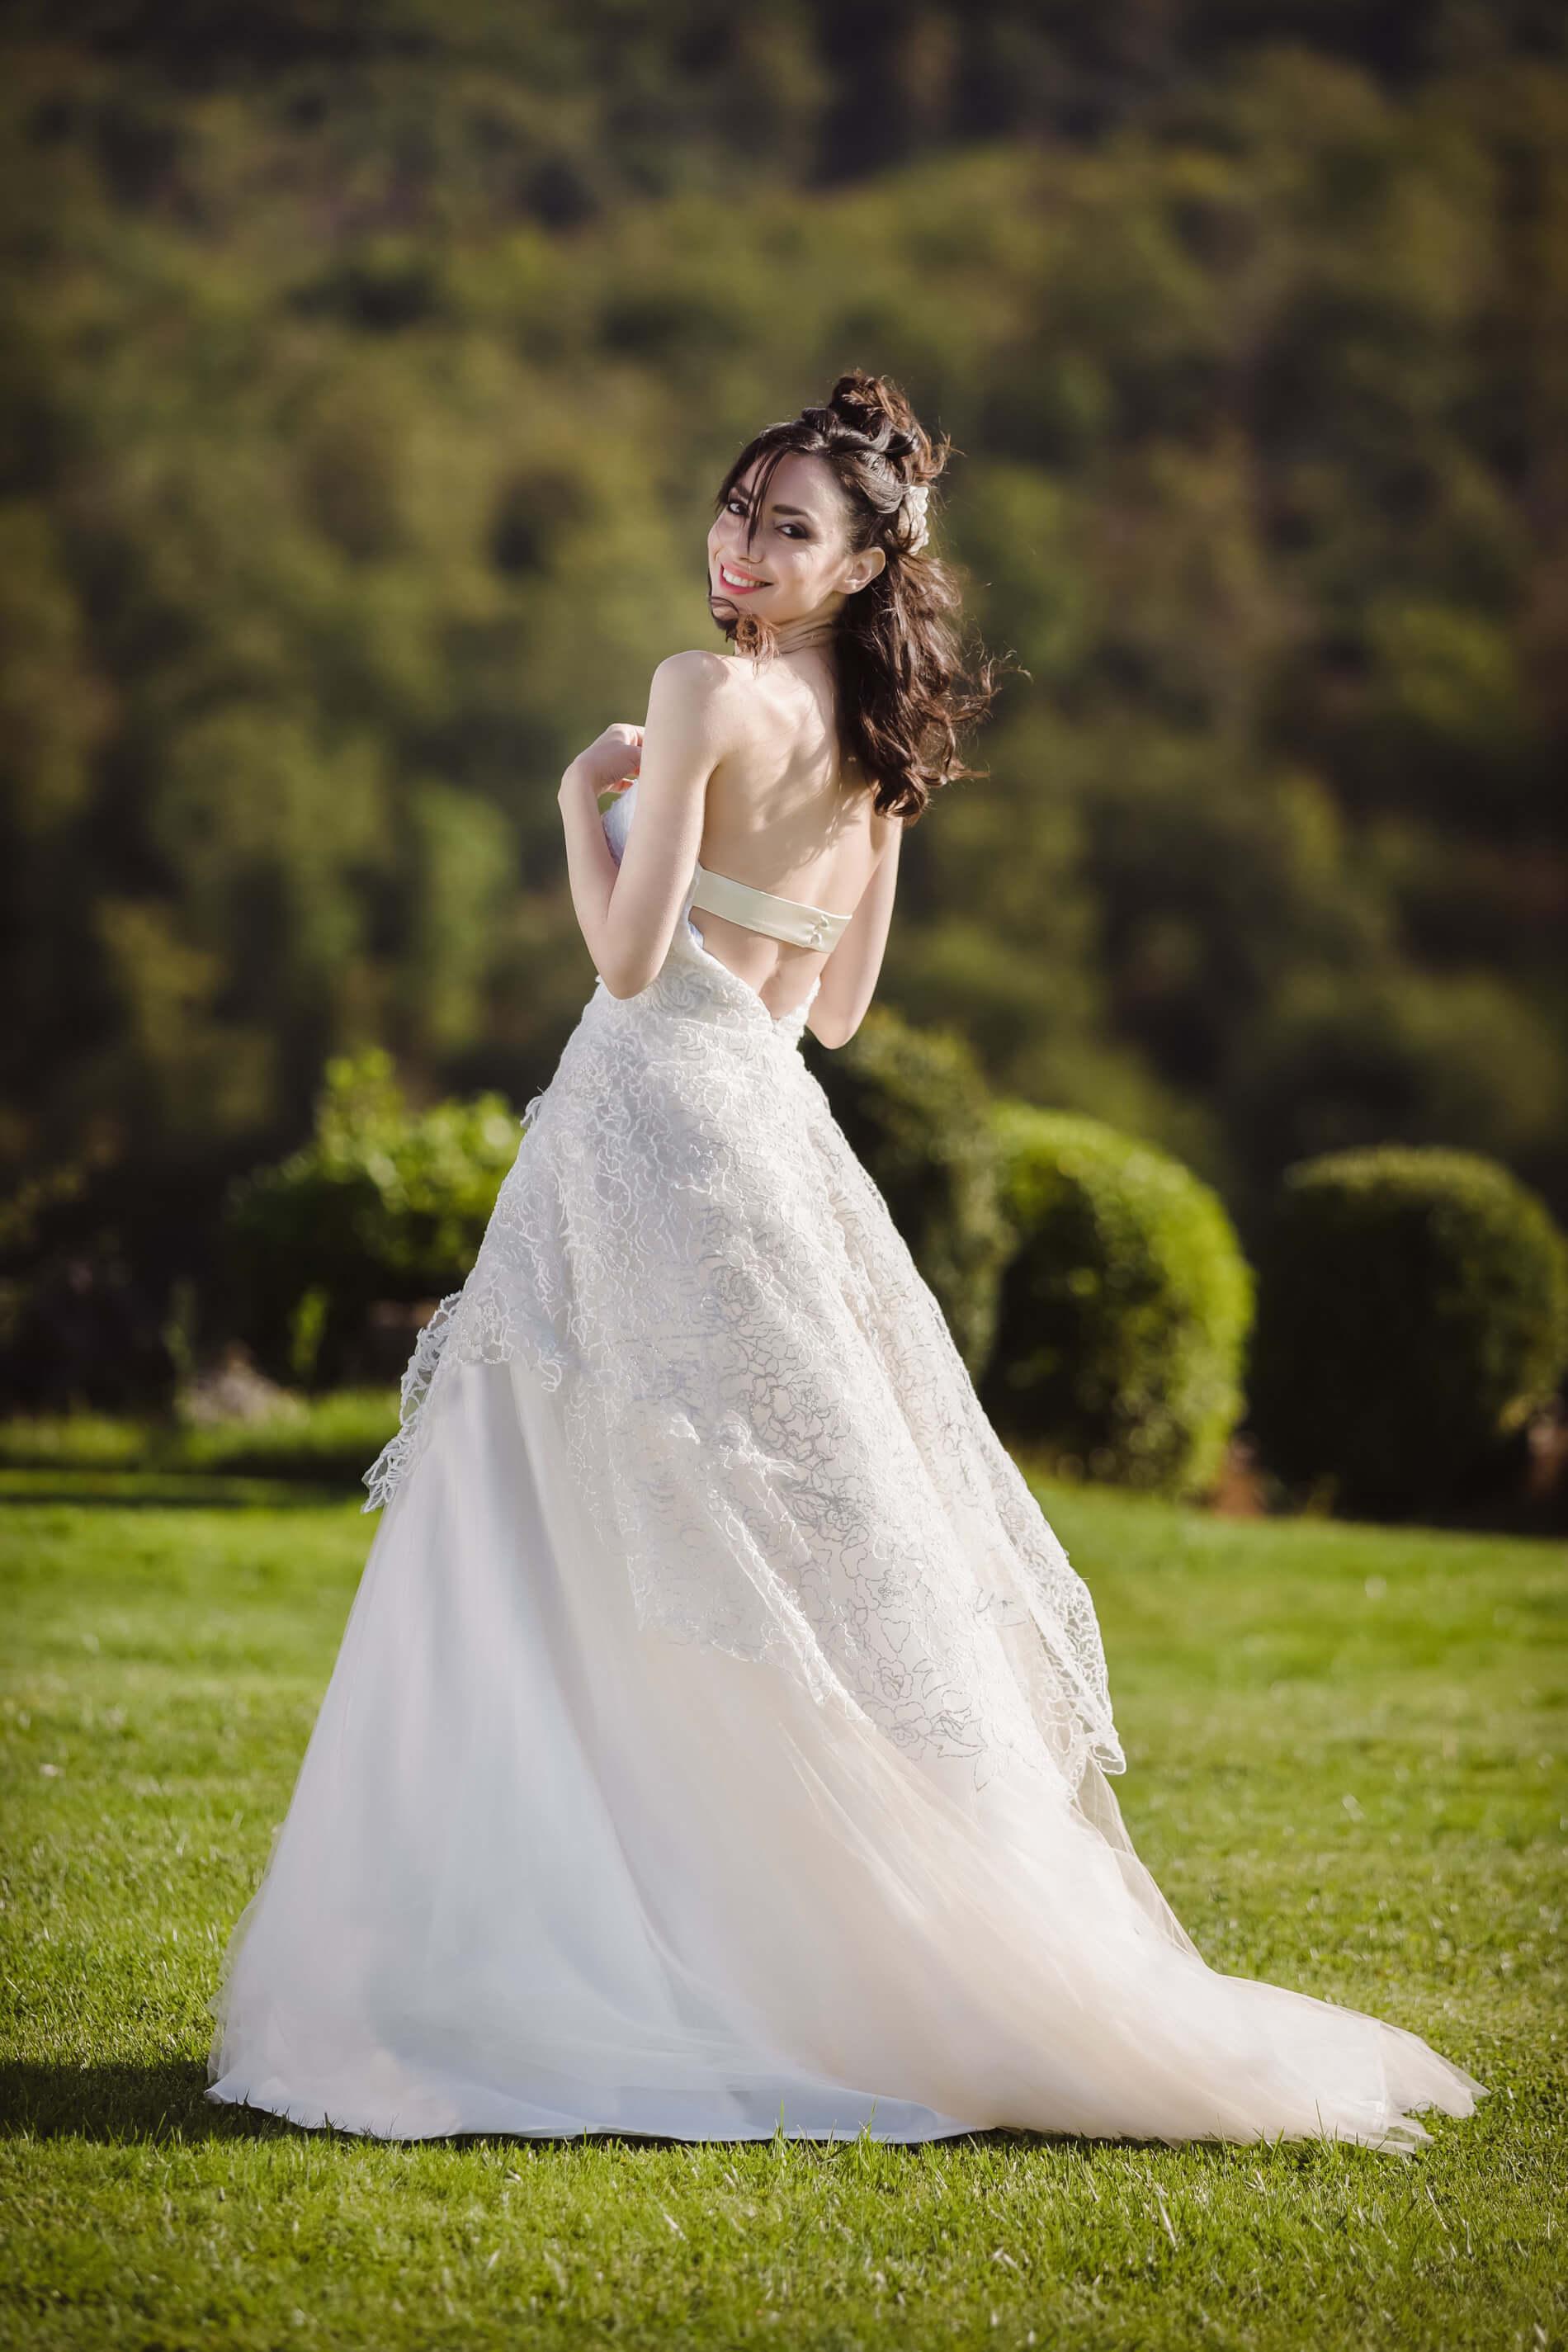 Natalia 3 - Zea Couture - Abiti da Sposa